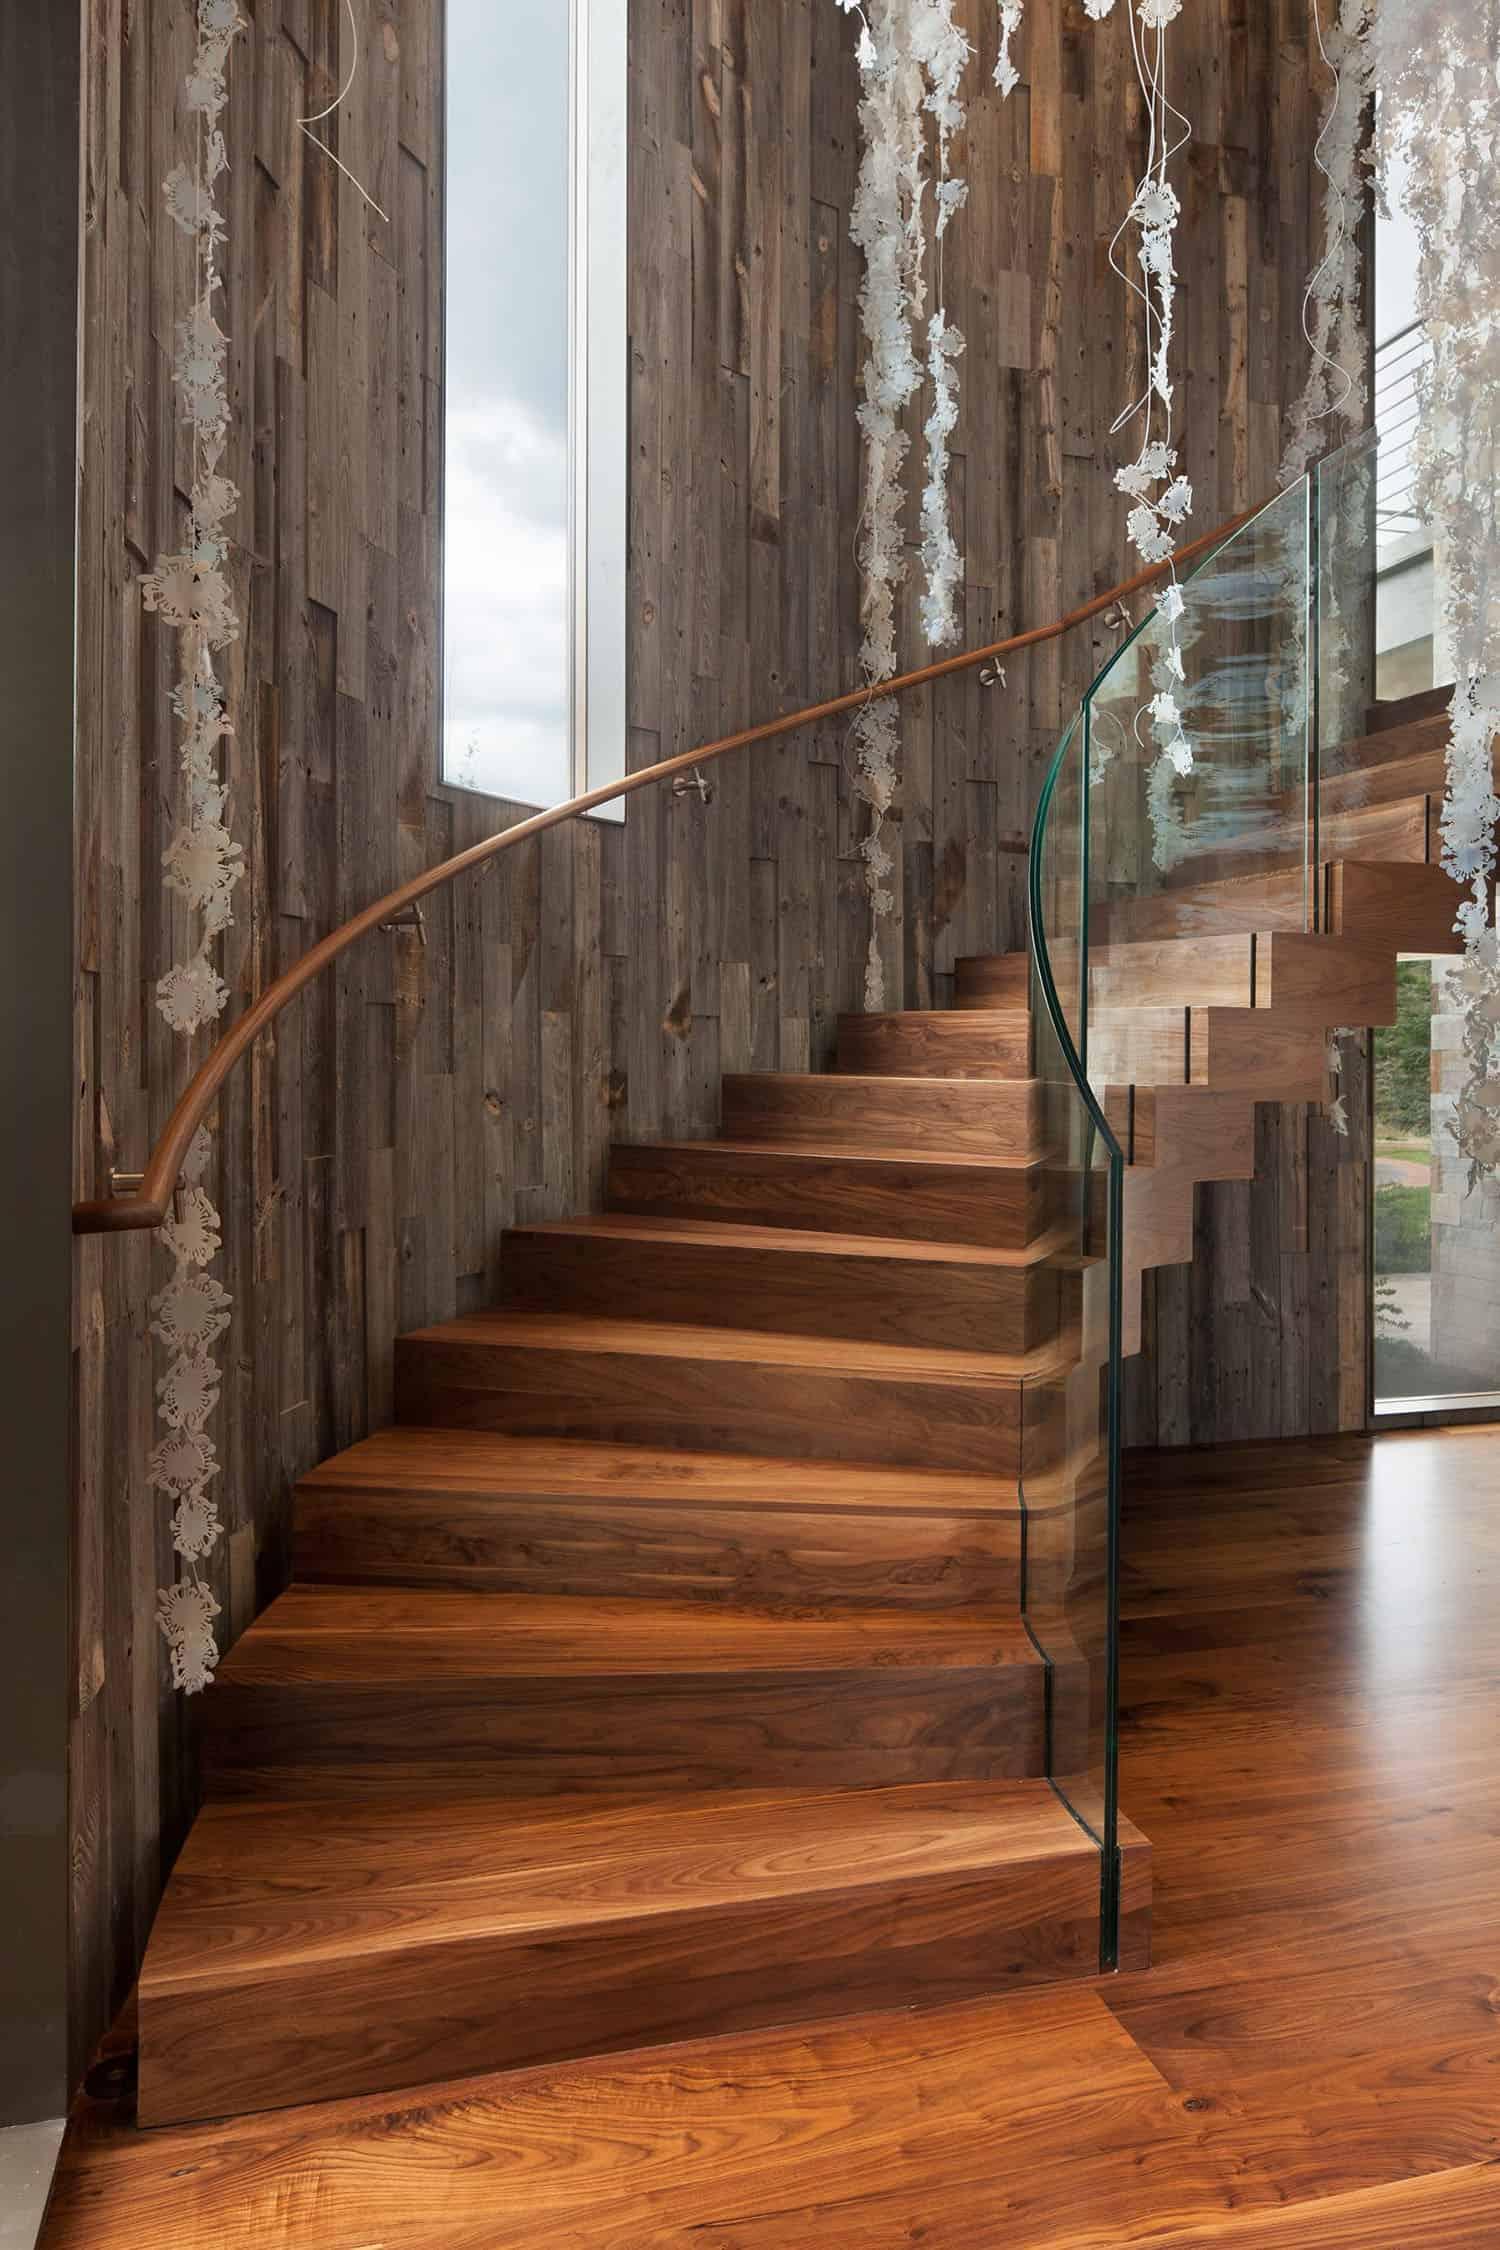 escalier-contemporain-de-montagne